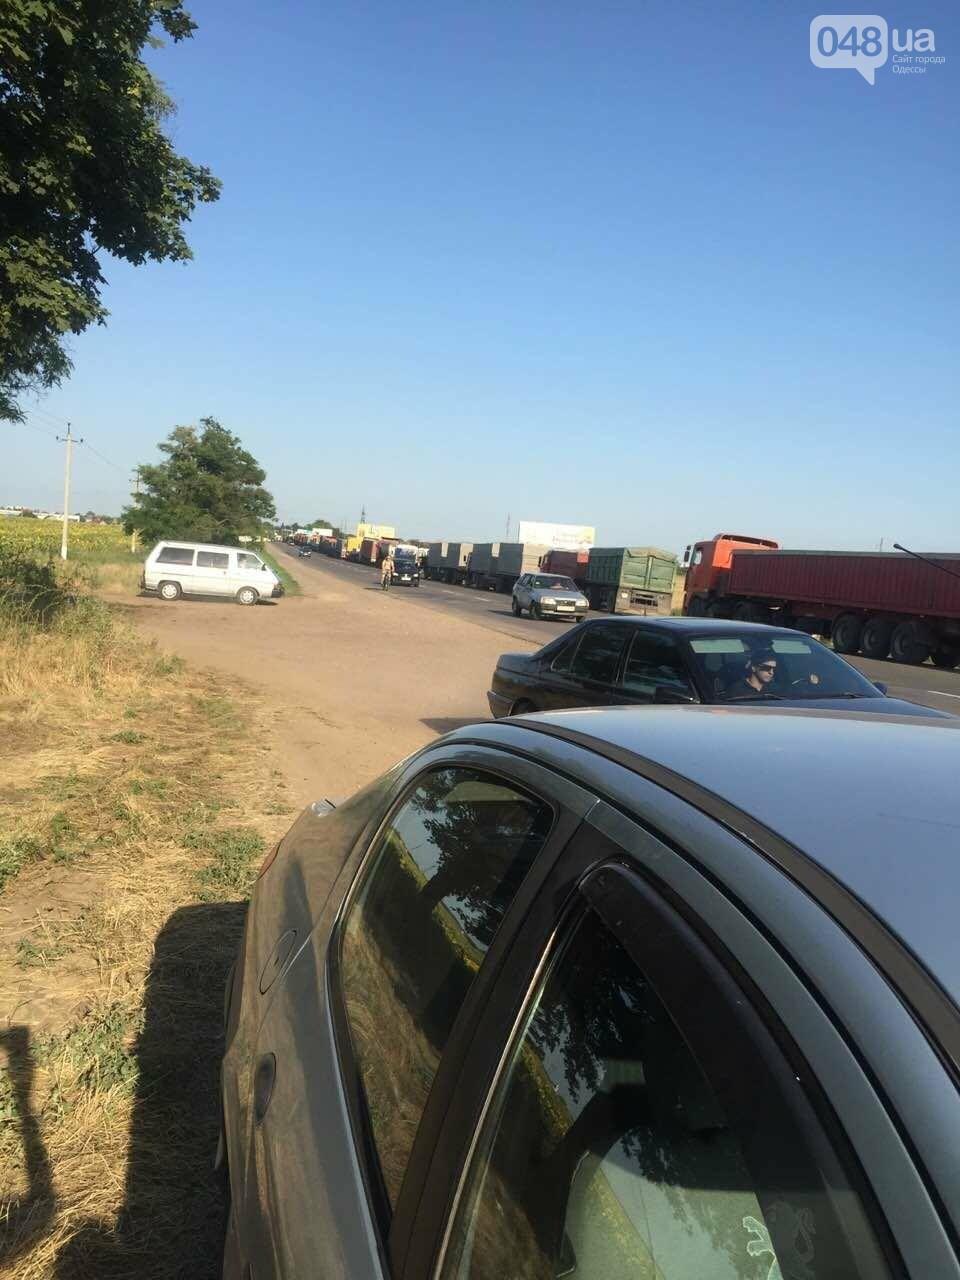 Из-за километров стоящих фур одесситы въезжают в город по полям (ФОТО), фото-7